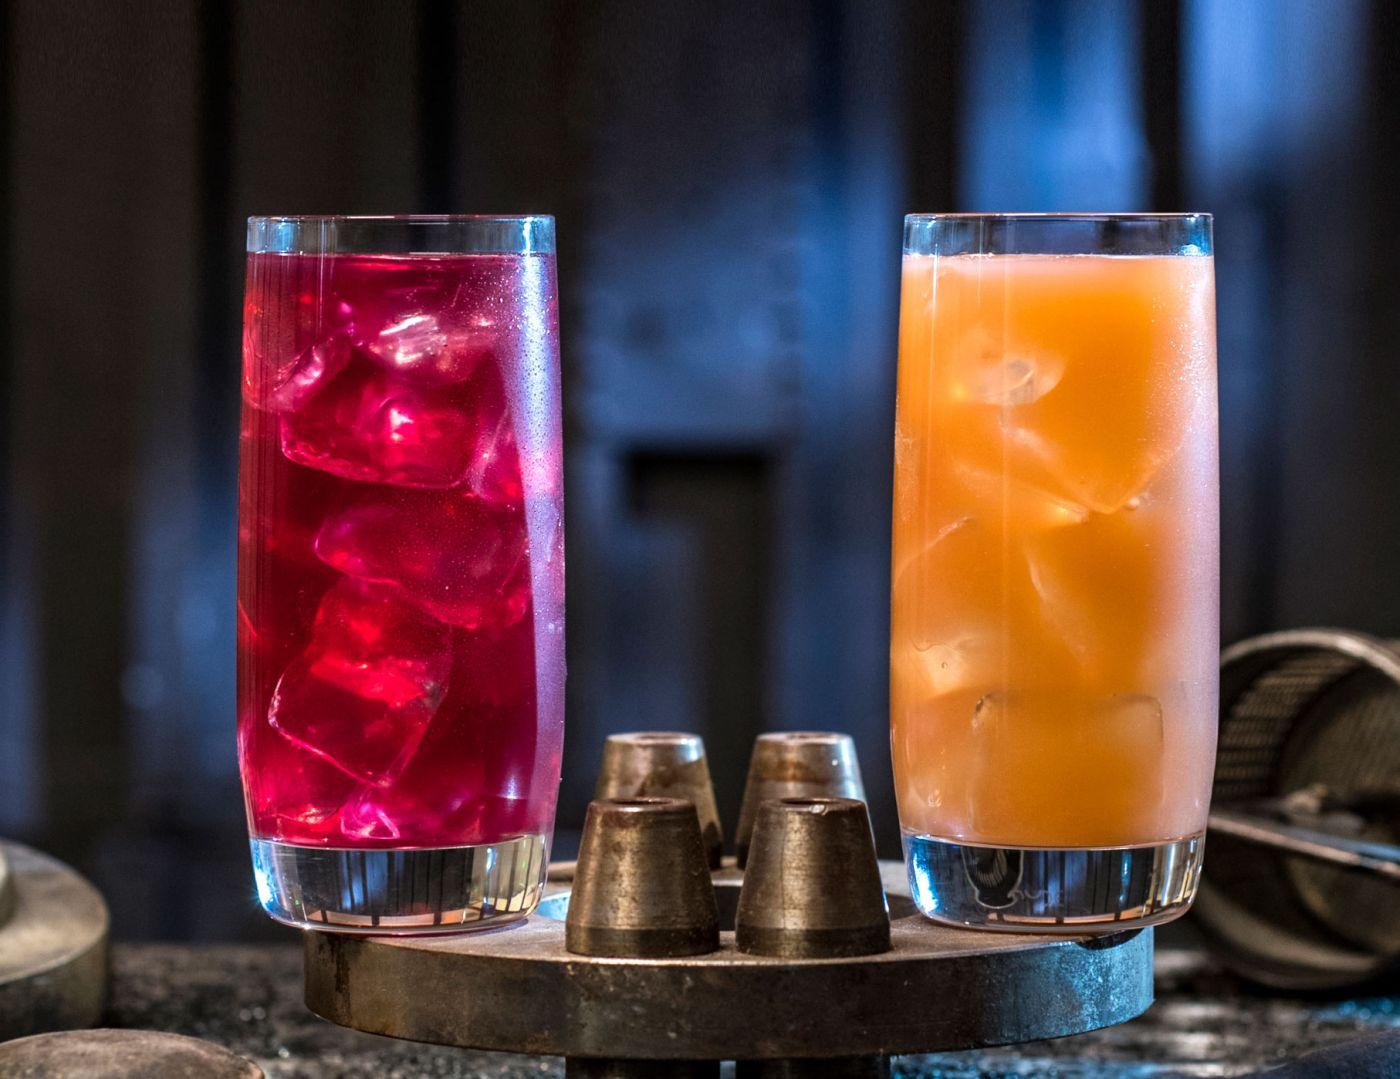 Phattro-lé és moof-lé az alkoholmentes felfrissülésre vágyóknak. (Megjegyzem, mindkettő állatnév a messzi galaxisban...)